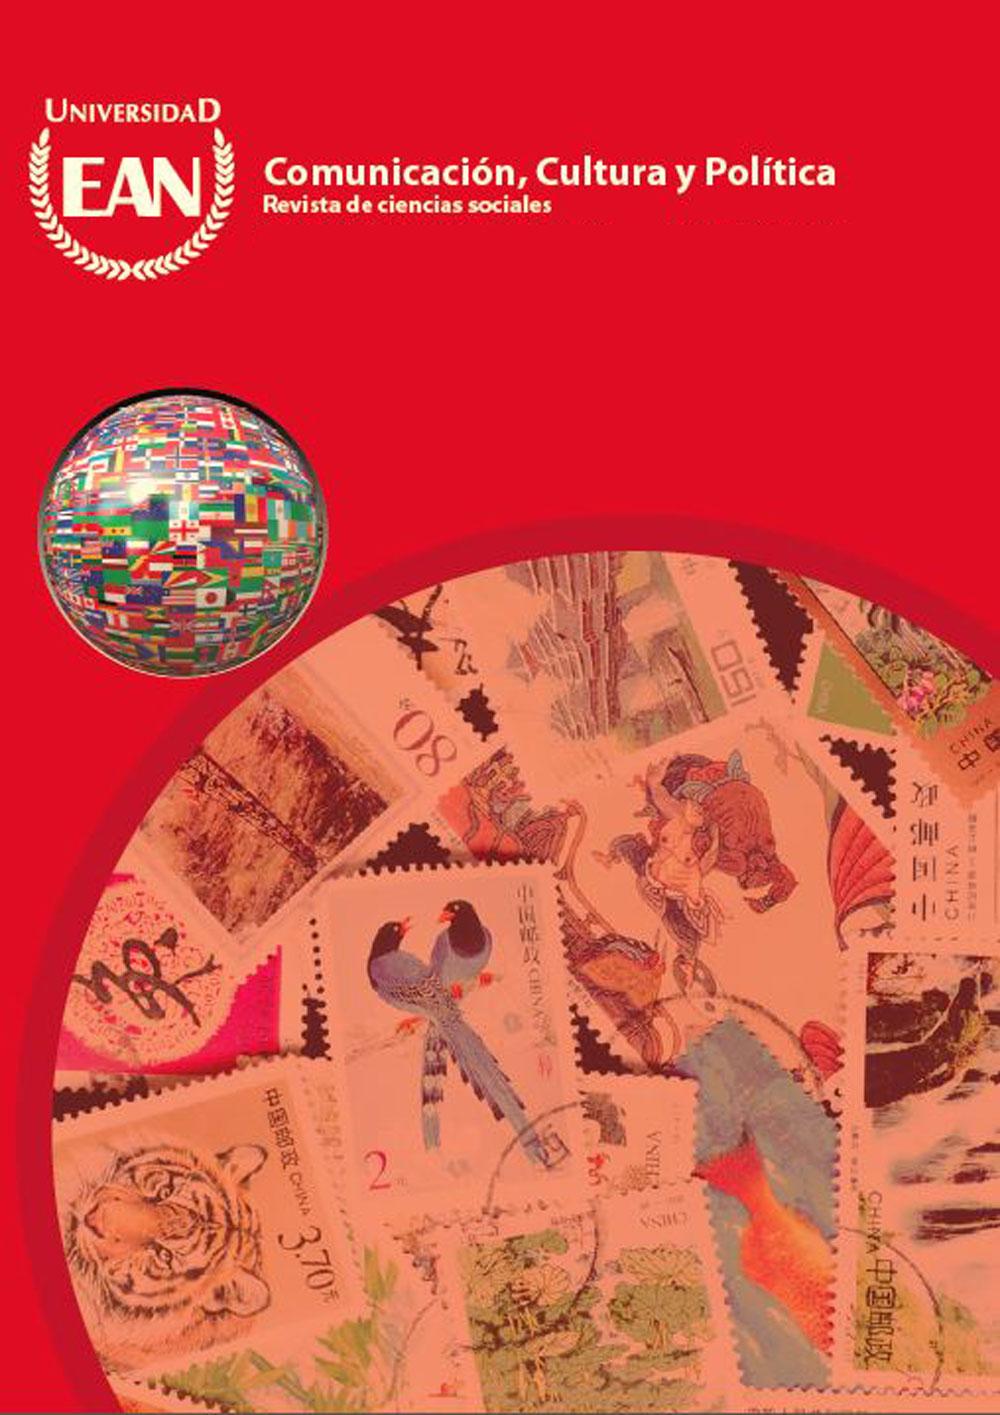 Convocatoria: revista Comunicación, cultura y política de la Universidad EAN